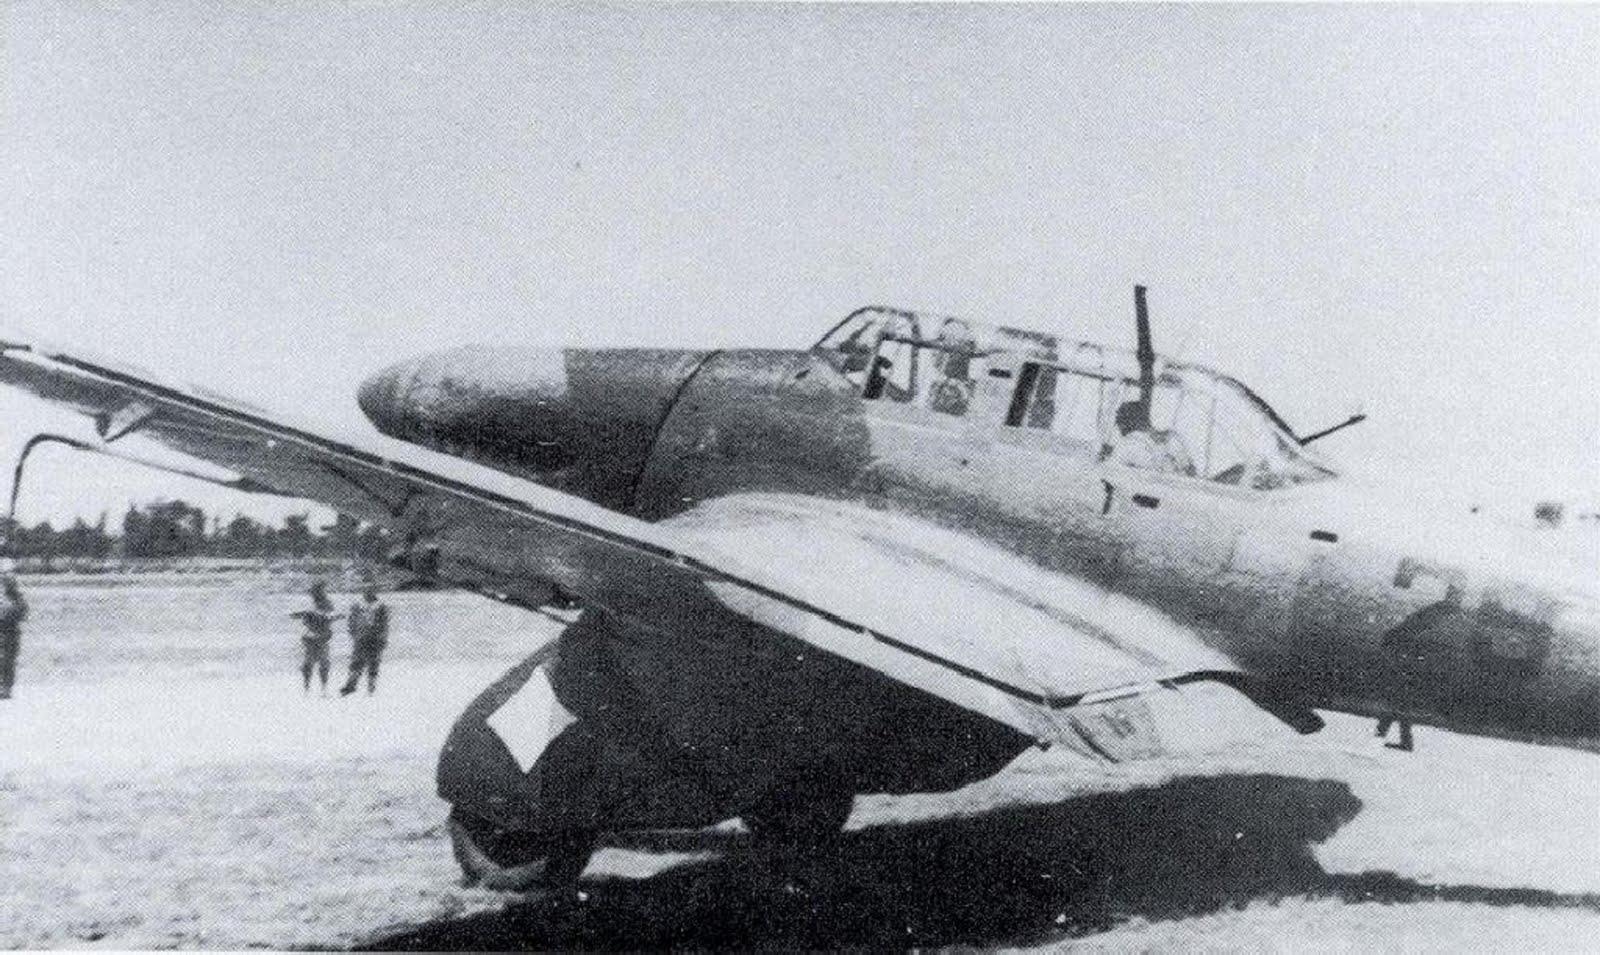 la légion condor et aviation italienne 29-3+SIN+EMBLEMA+3